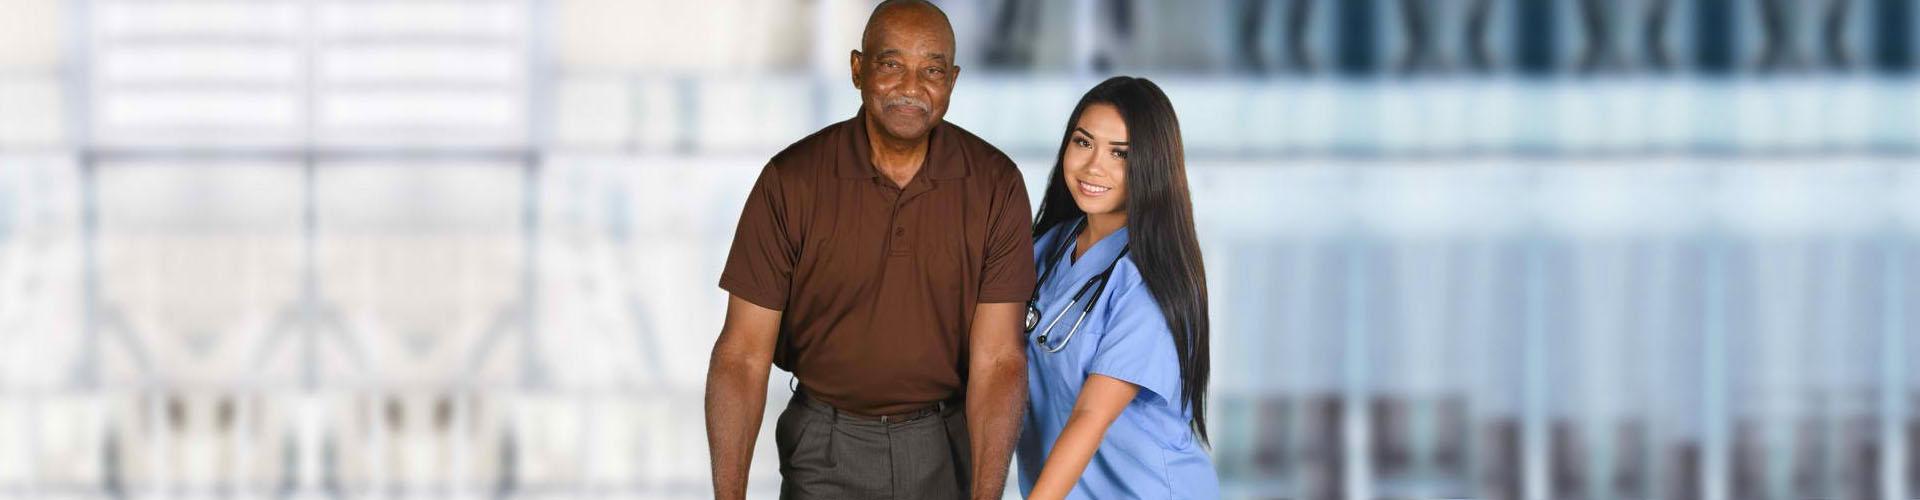 a nurse assisting a senior man walk